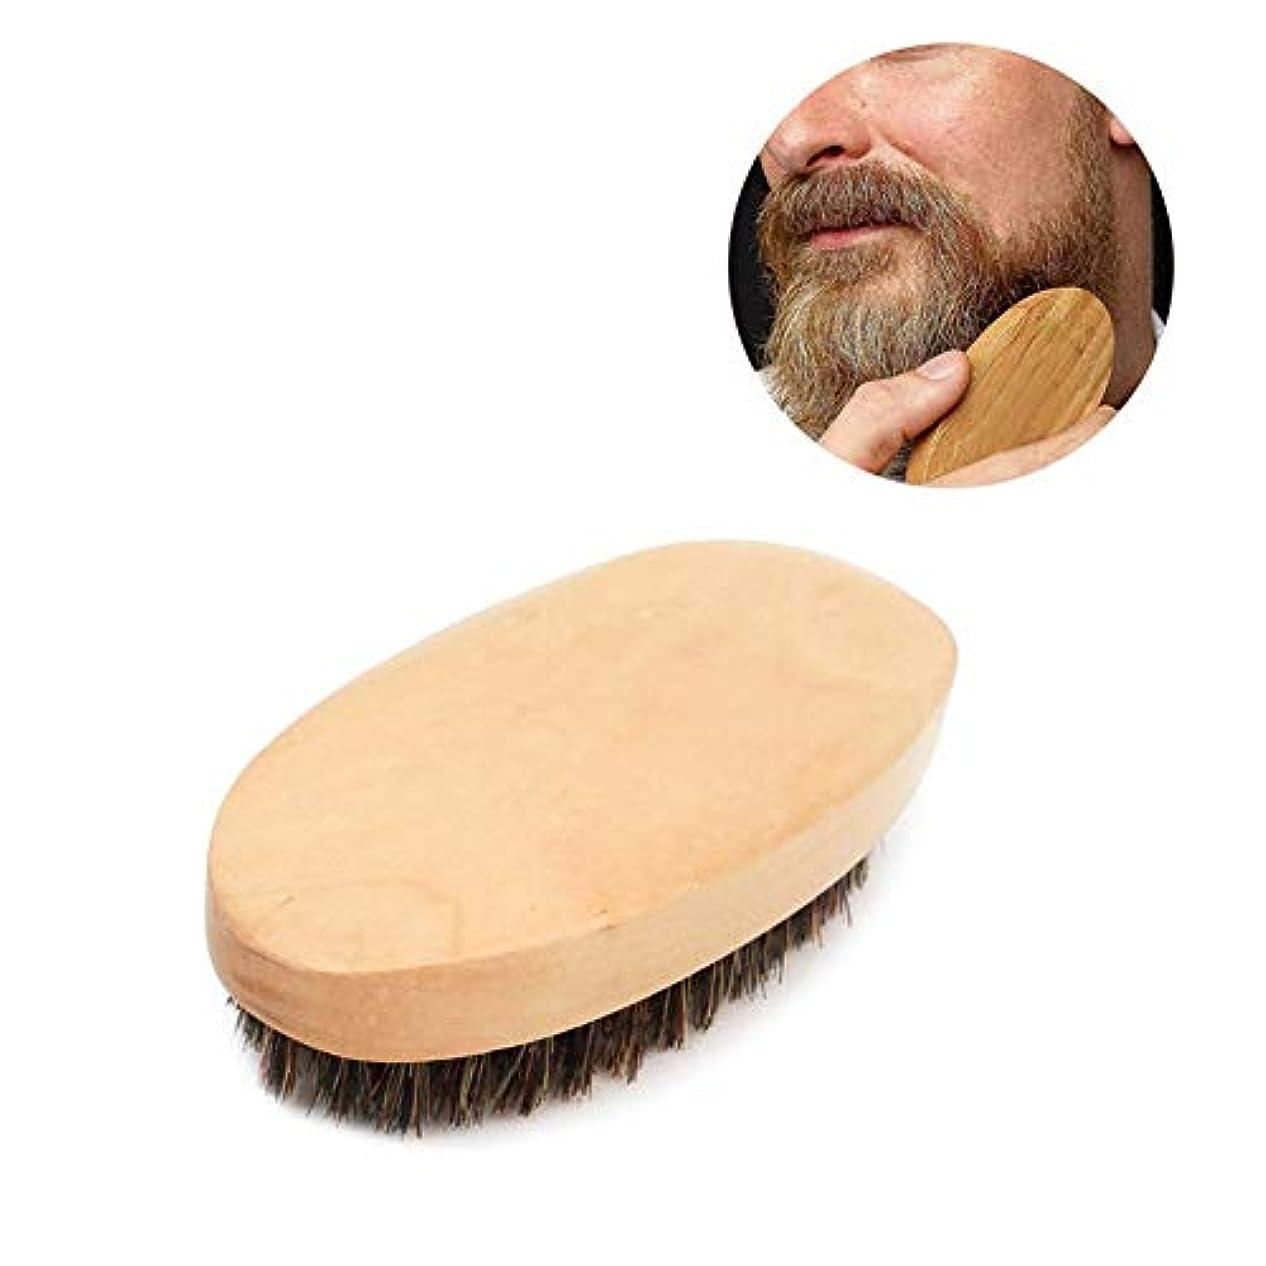 抜粋出力費用Surenhap ひげ用ブラシ 木製 メンズ 髭剃り 帯電防止 清掃手入れ 理容 美容 ひげ口 豚毛 高品質 贈り物 父の日 誕生日 プレゼント